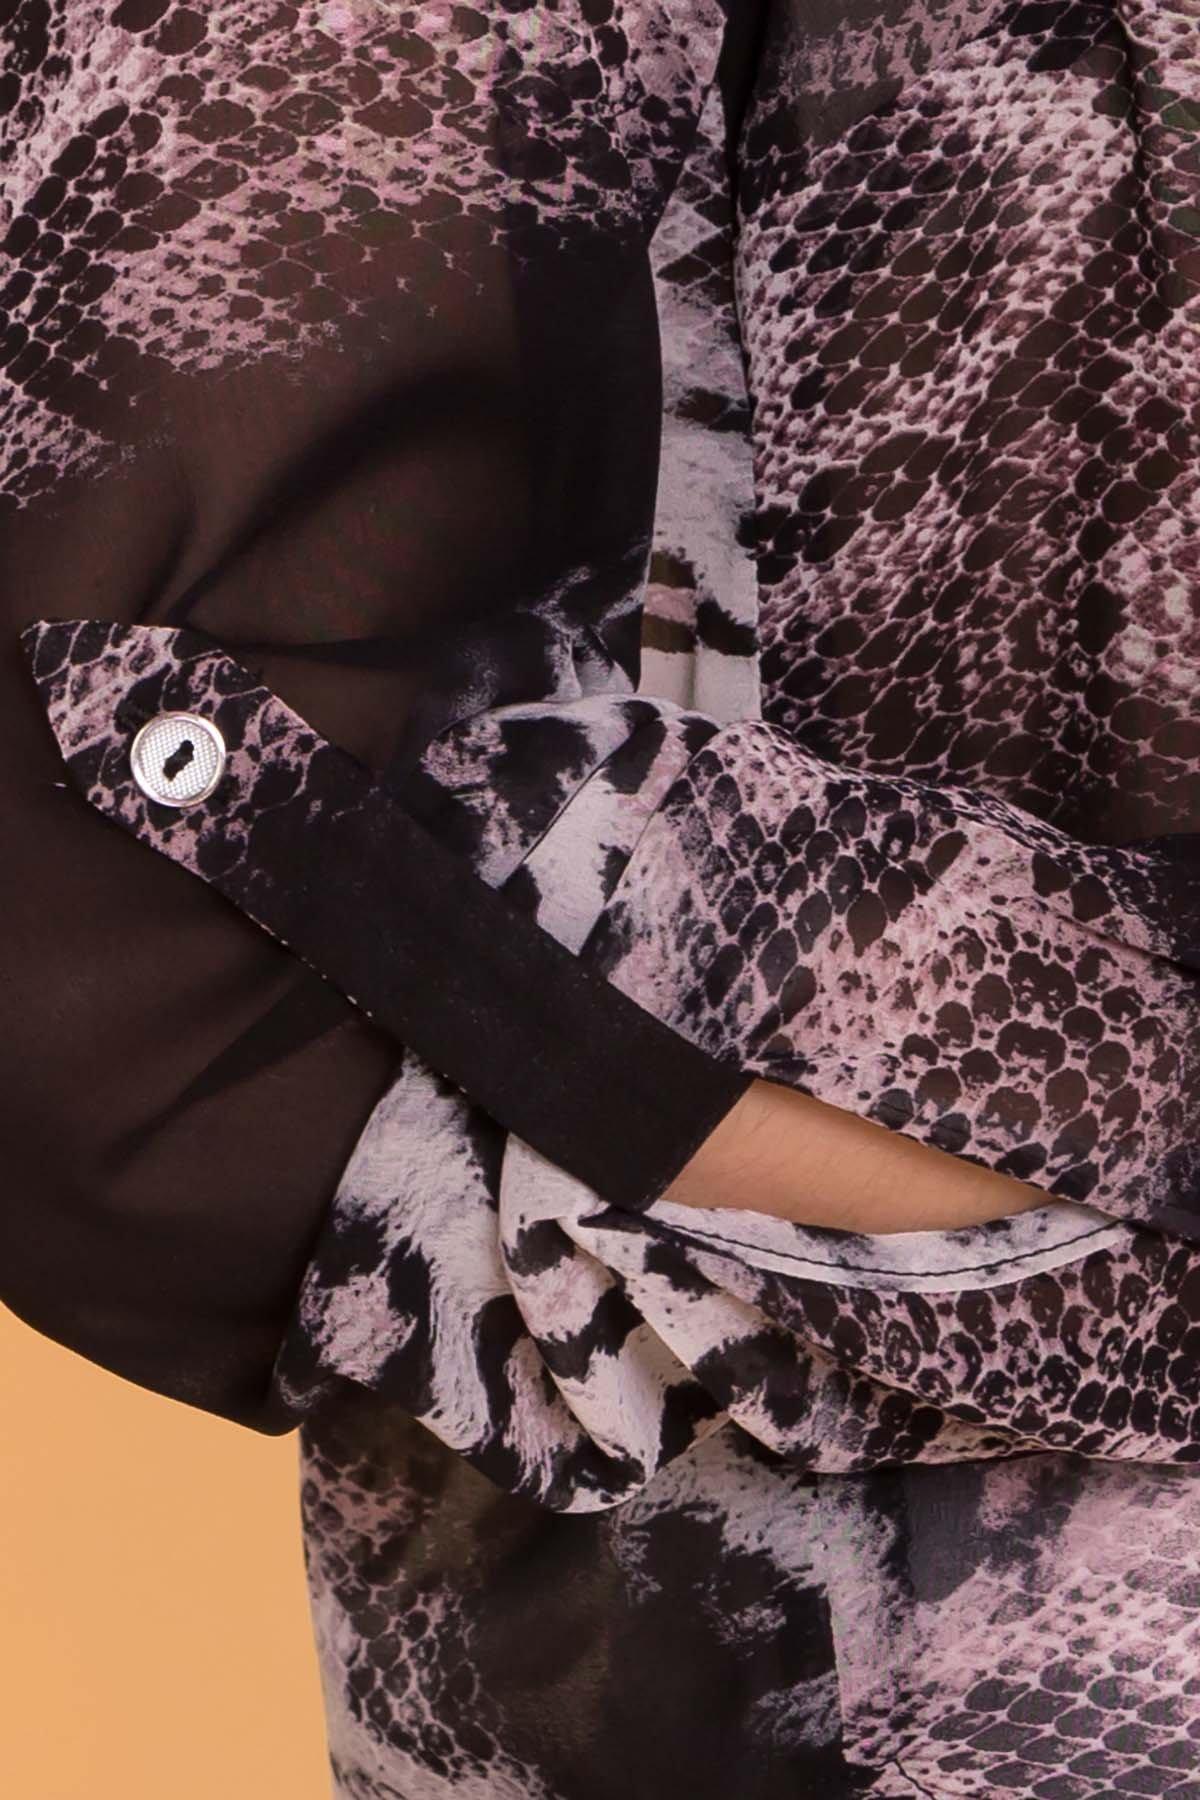 Рубашка с цветочным принтом Лайк 6892 АРТ. 41996 Цвет: Леоп абстр мол/чер - фото 5, интернет магазин tm-modus.ru